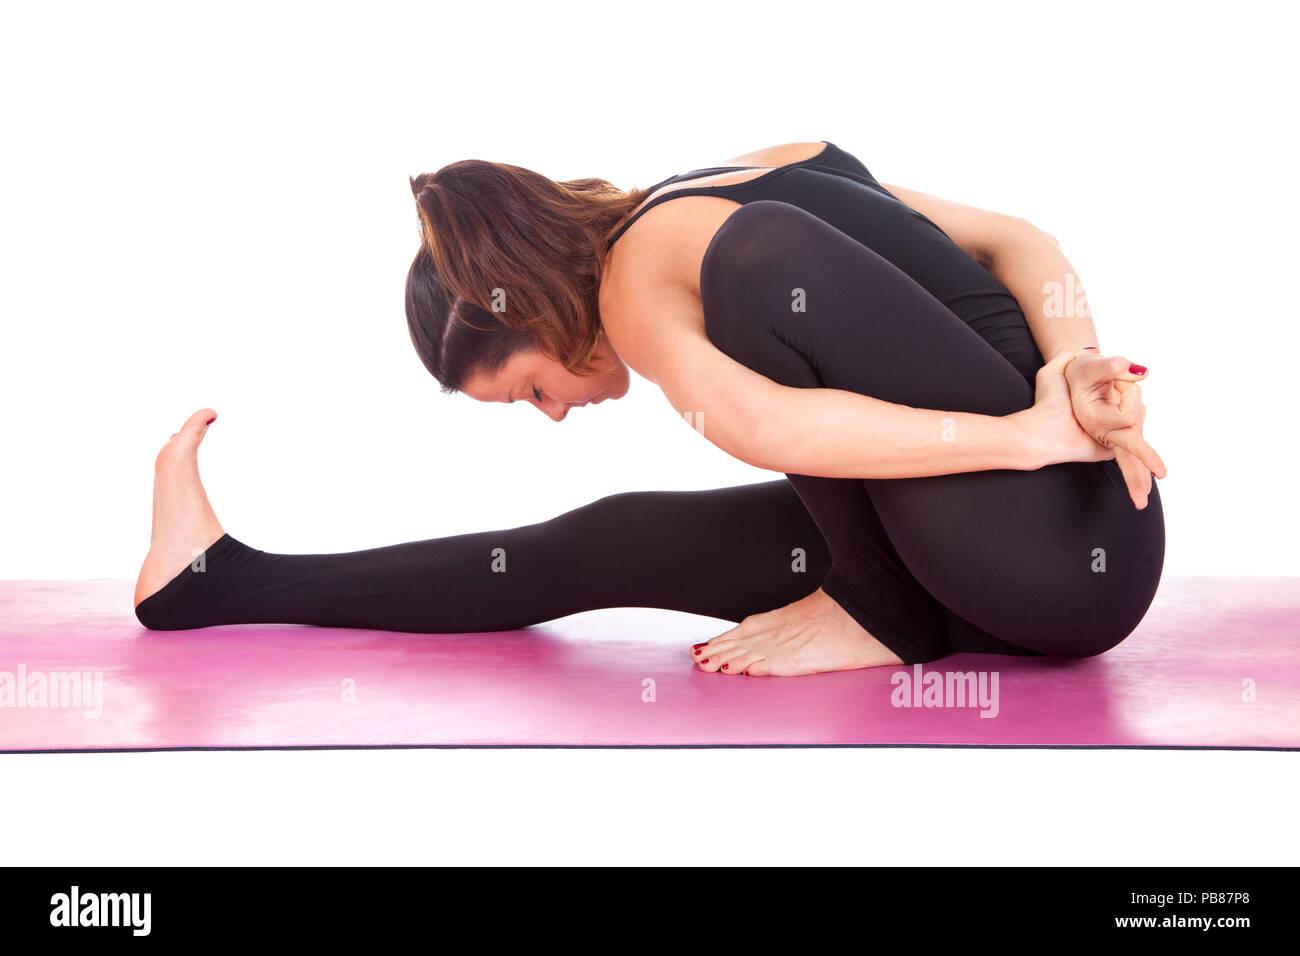 Beautiful Woman Doing Marichyasana Pose On Yoga Class Studio Shot Stock Photo Alamy